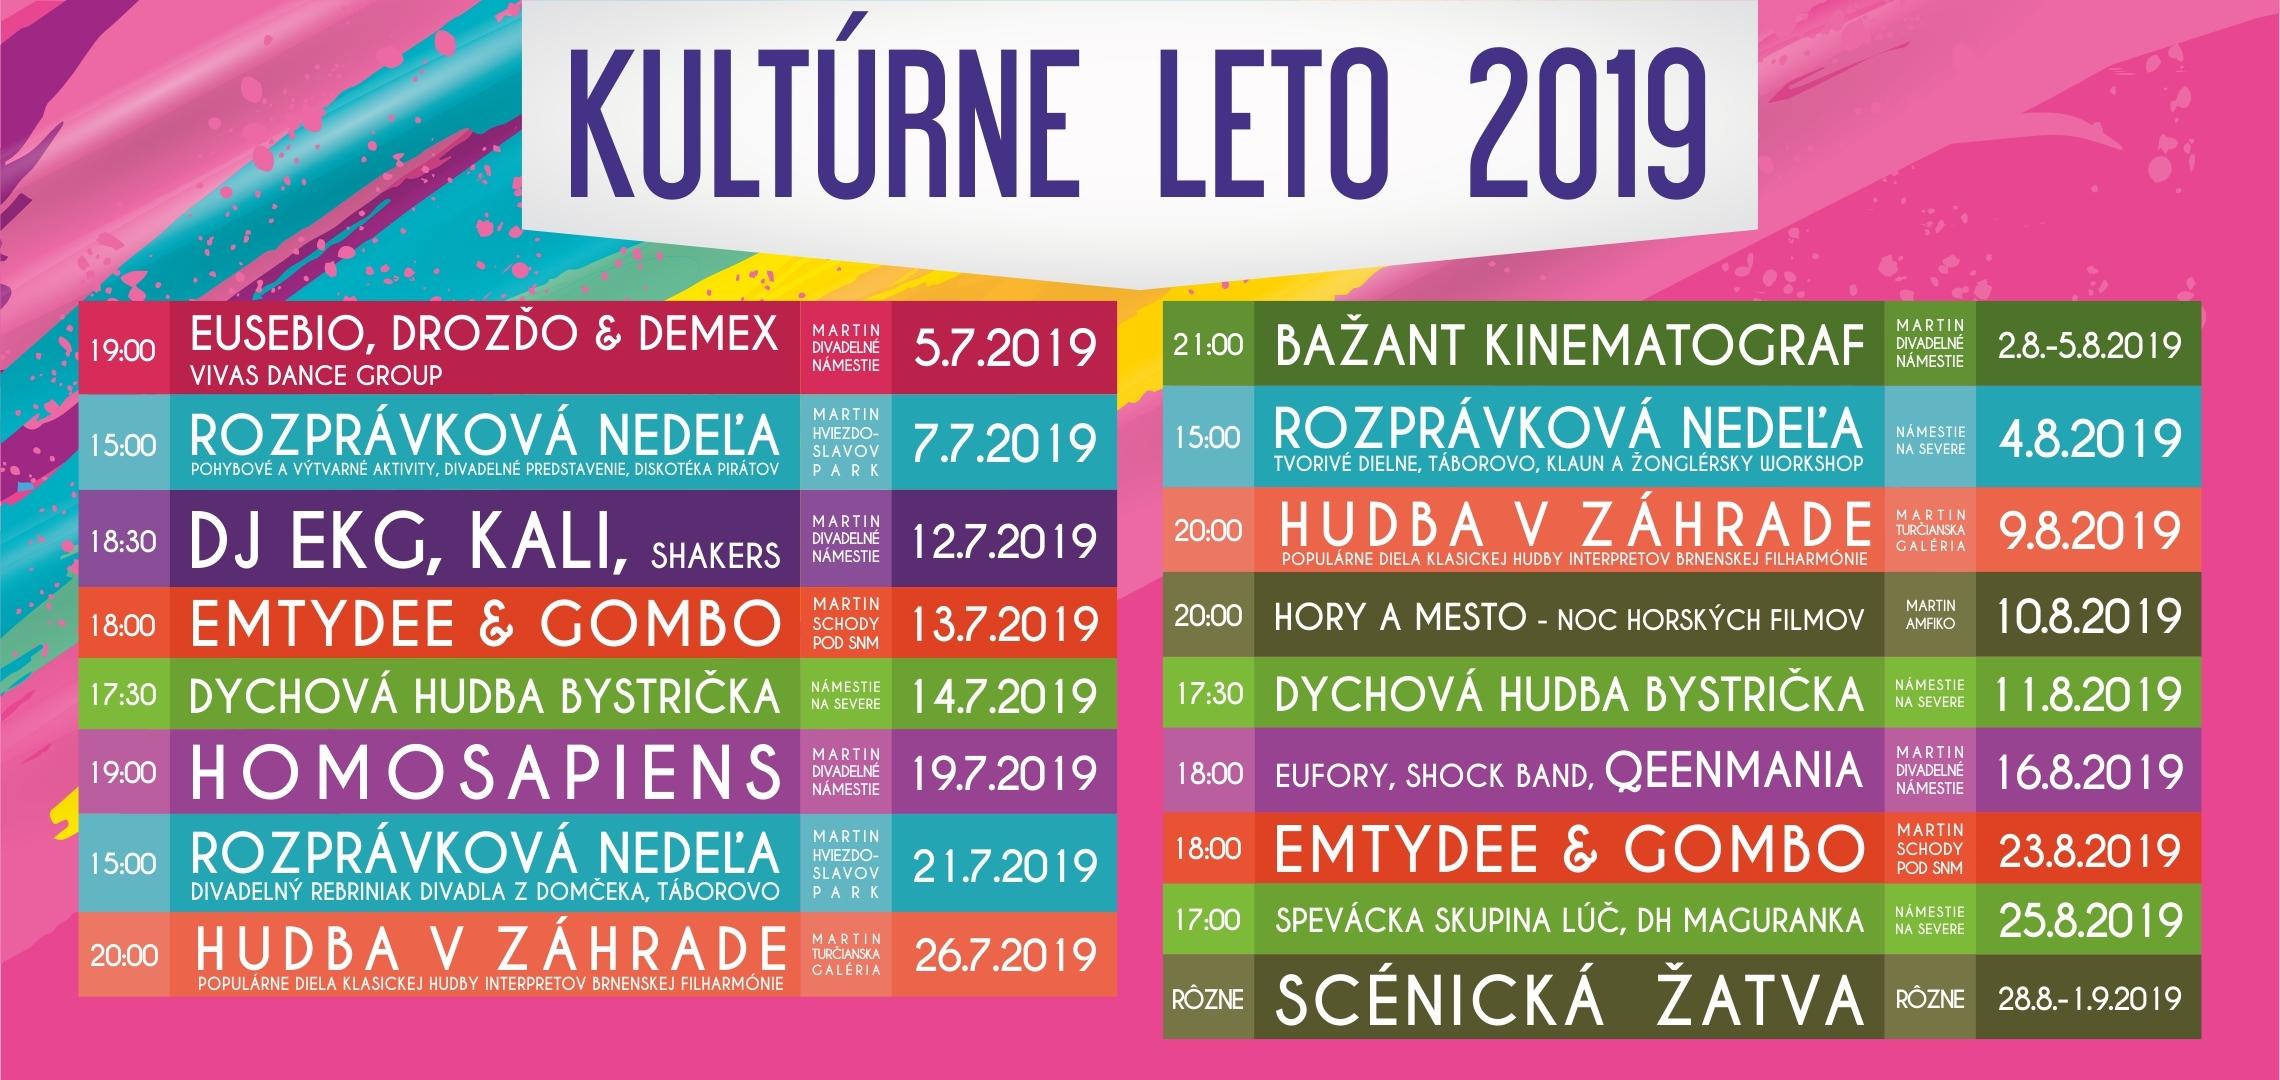 Kultúrne leto 2019